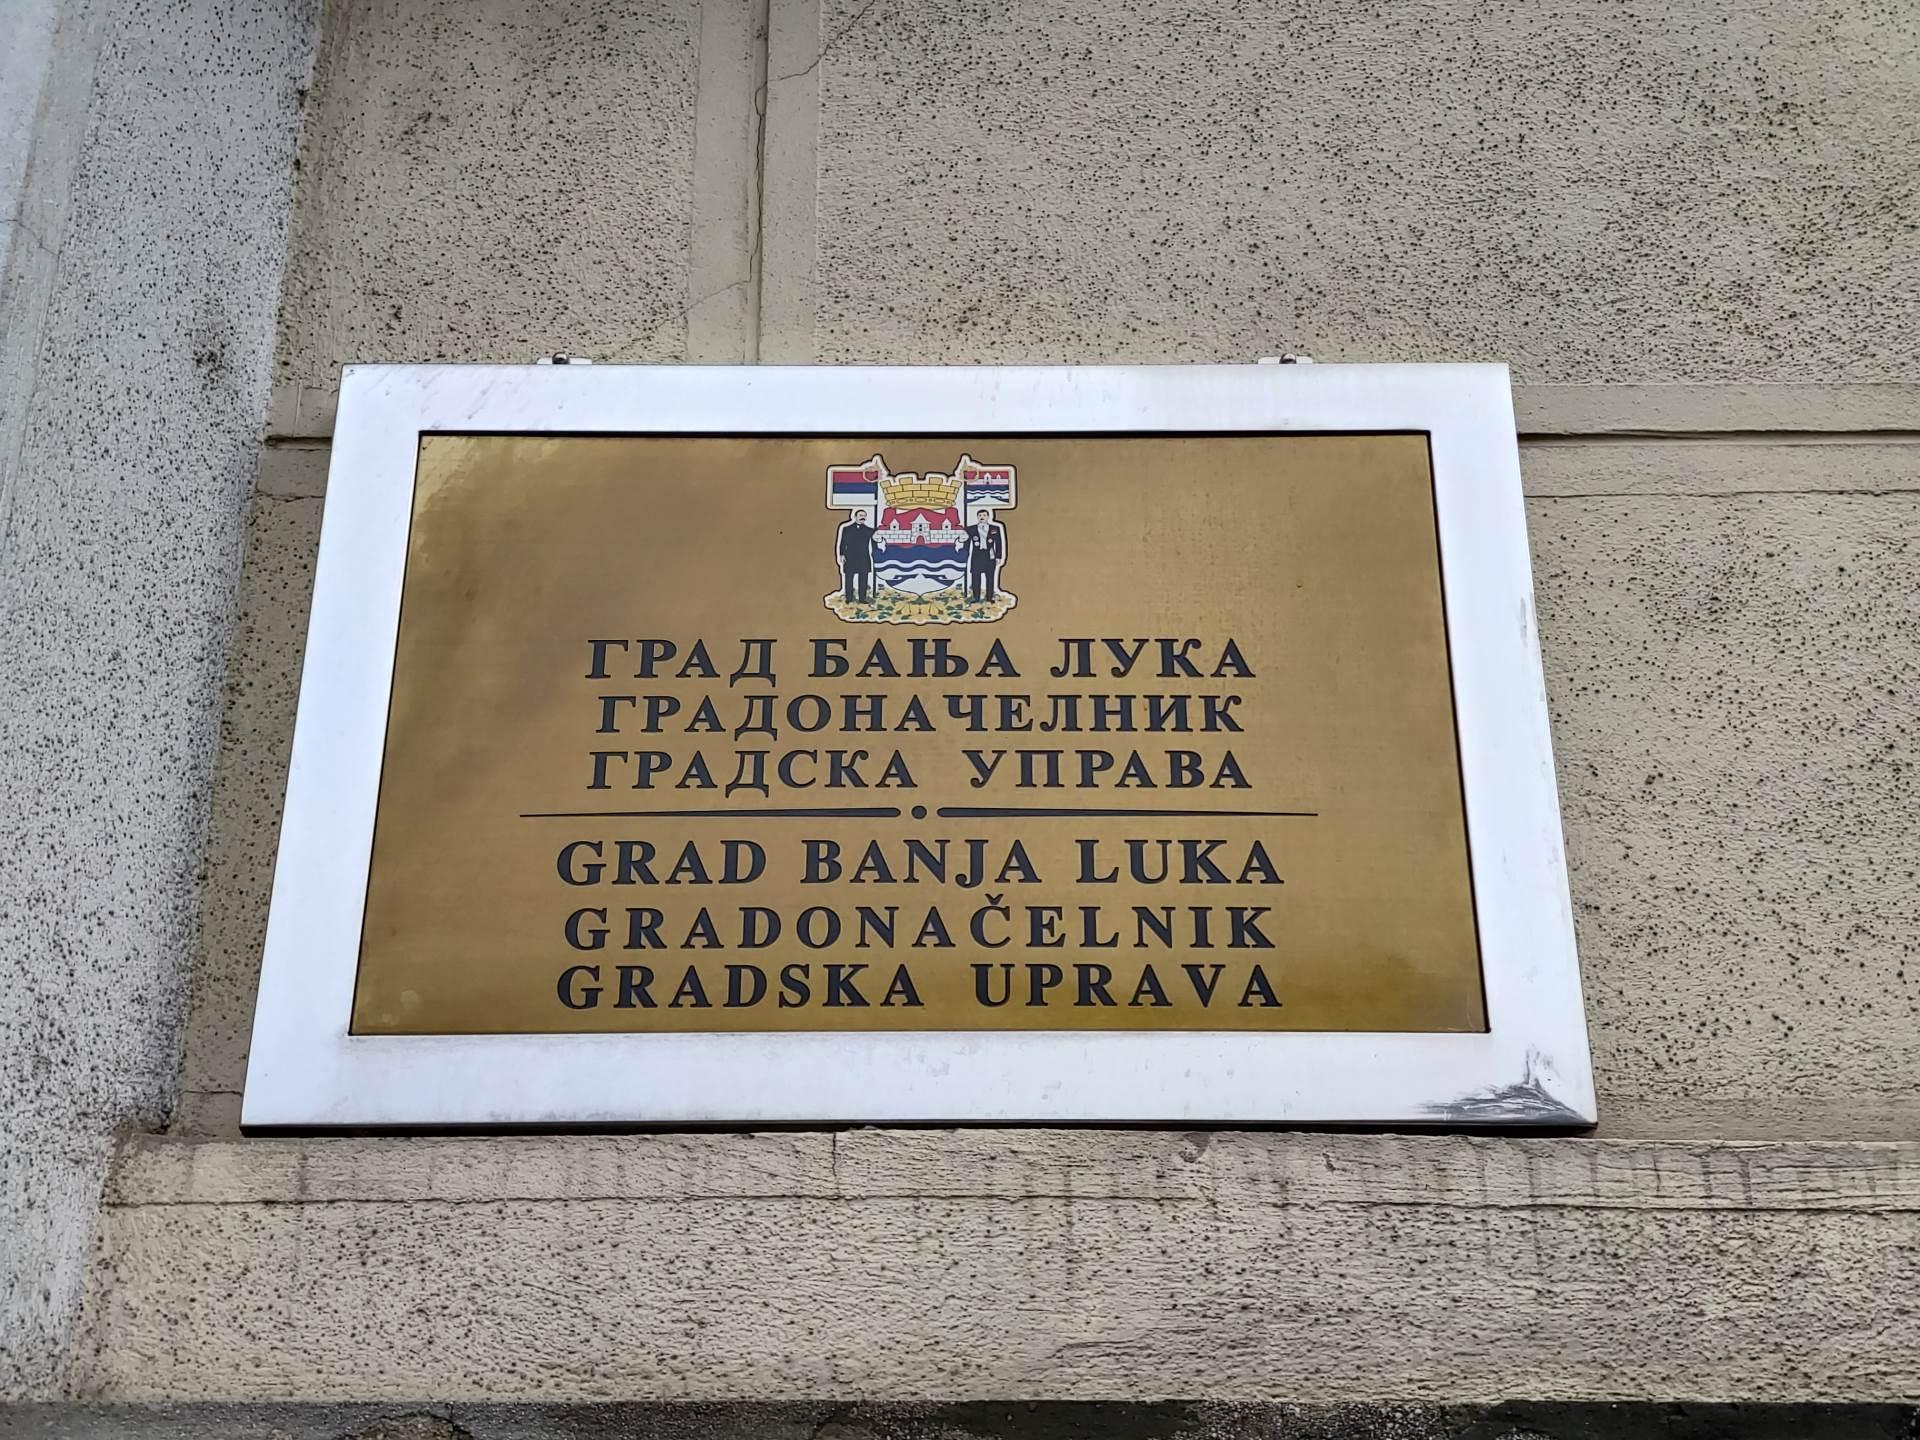 Grad Banjaluka